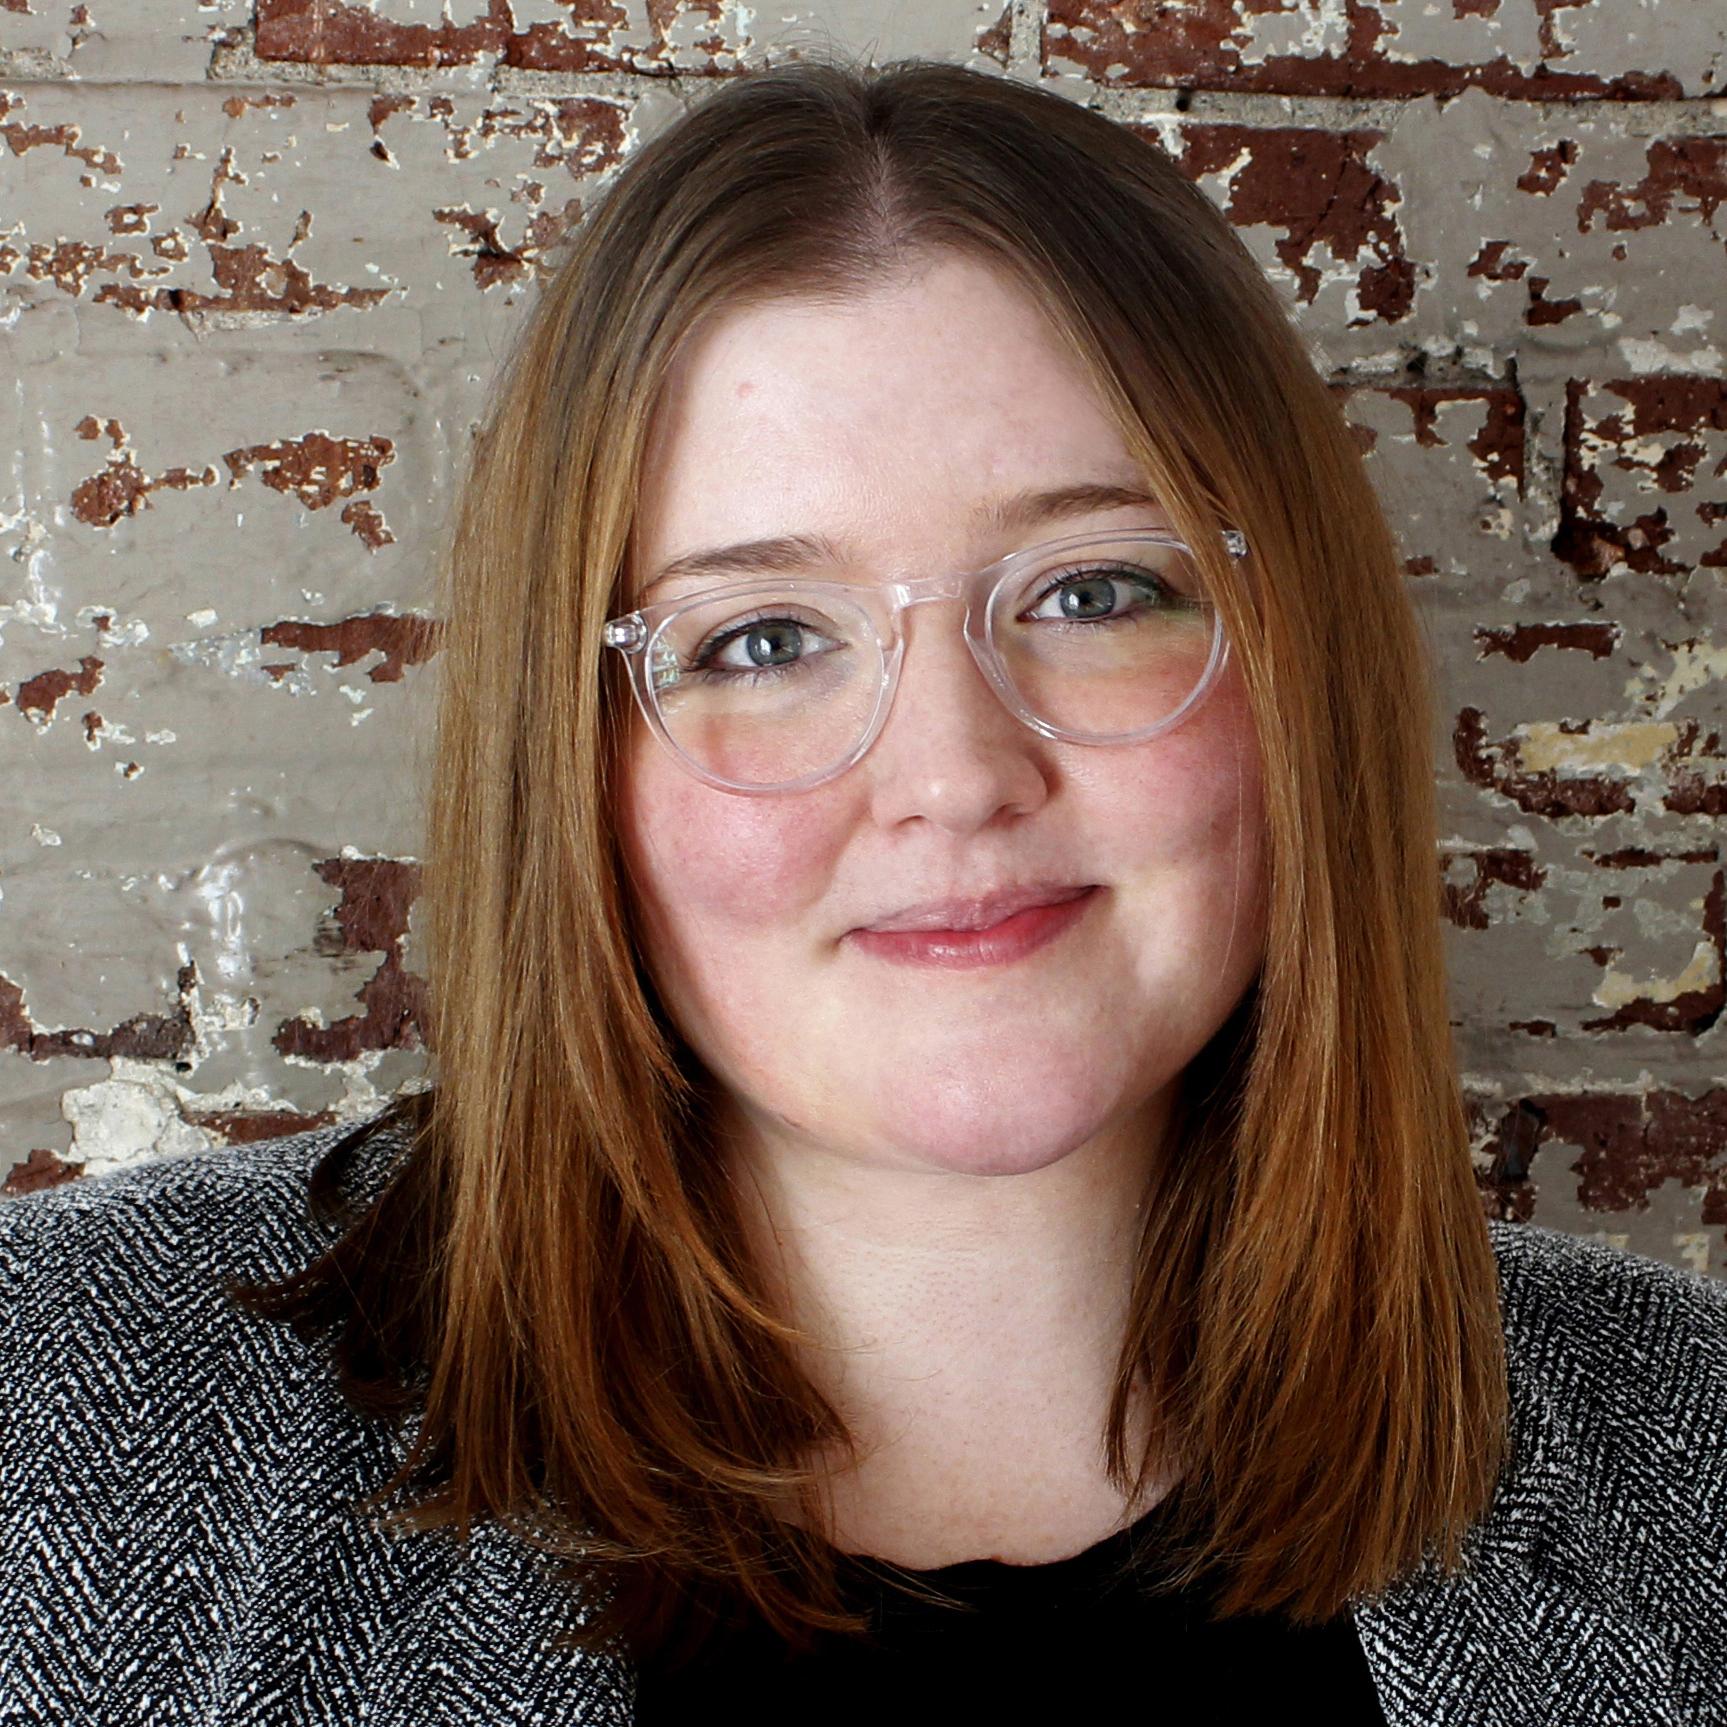 Laura Stedenfeld